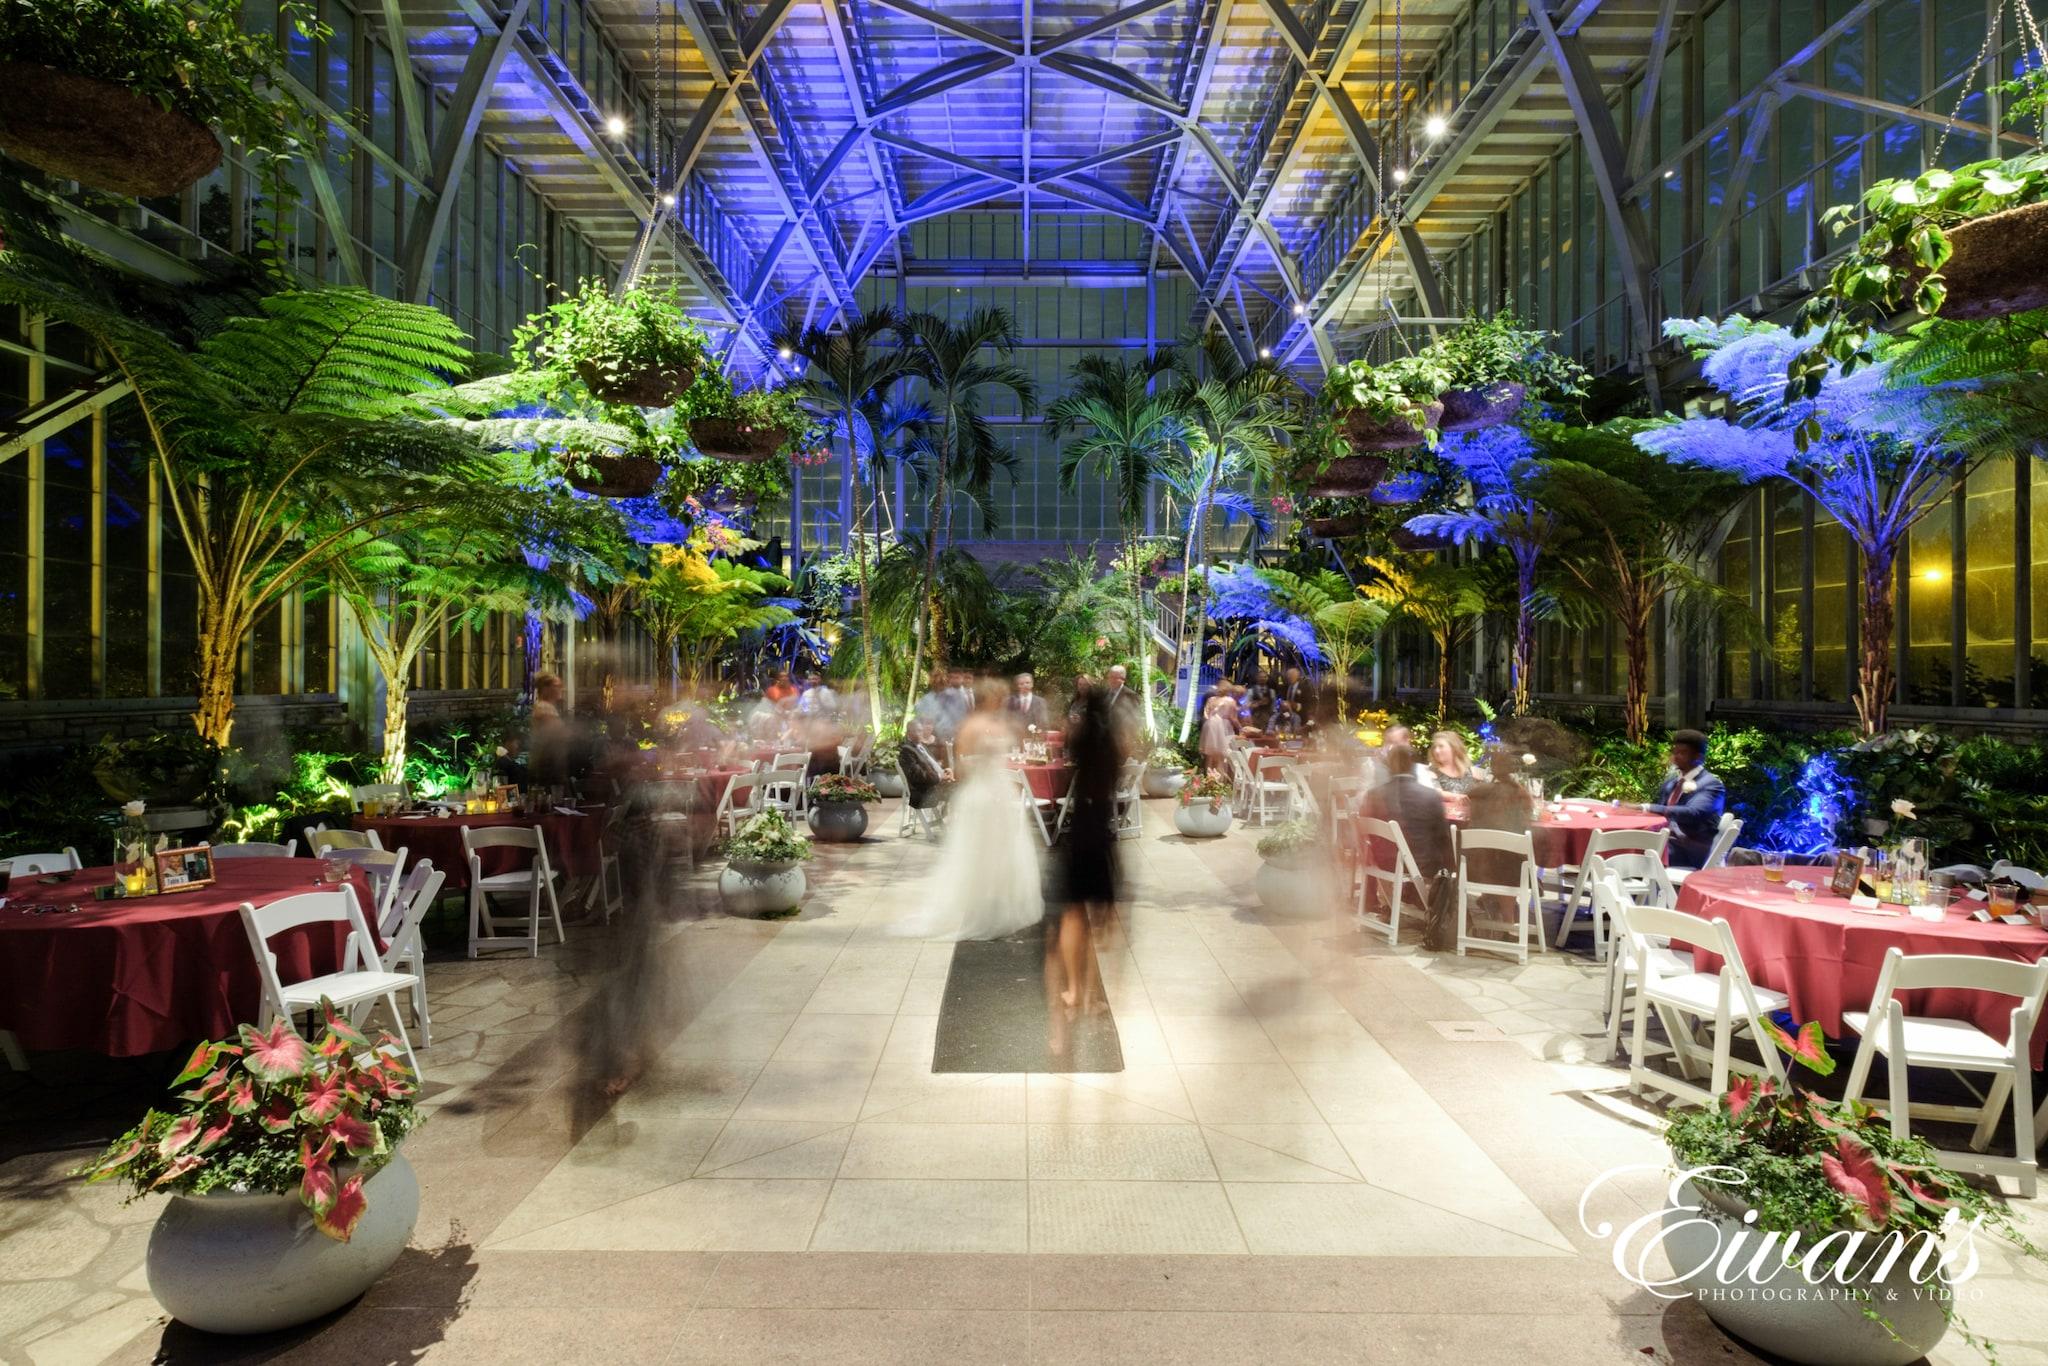 image of an indoor garden wedding venue